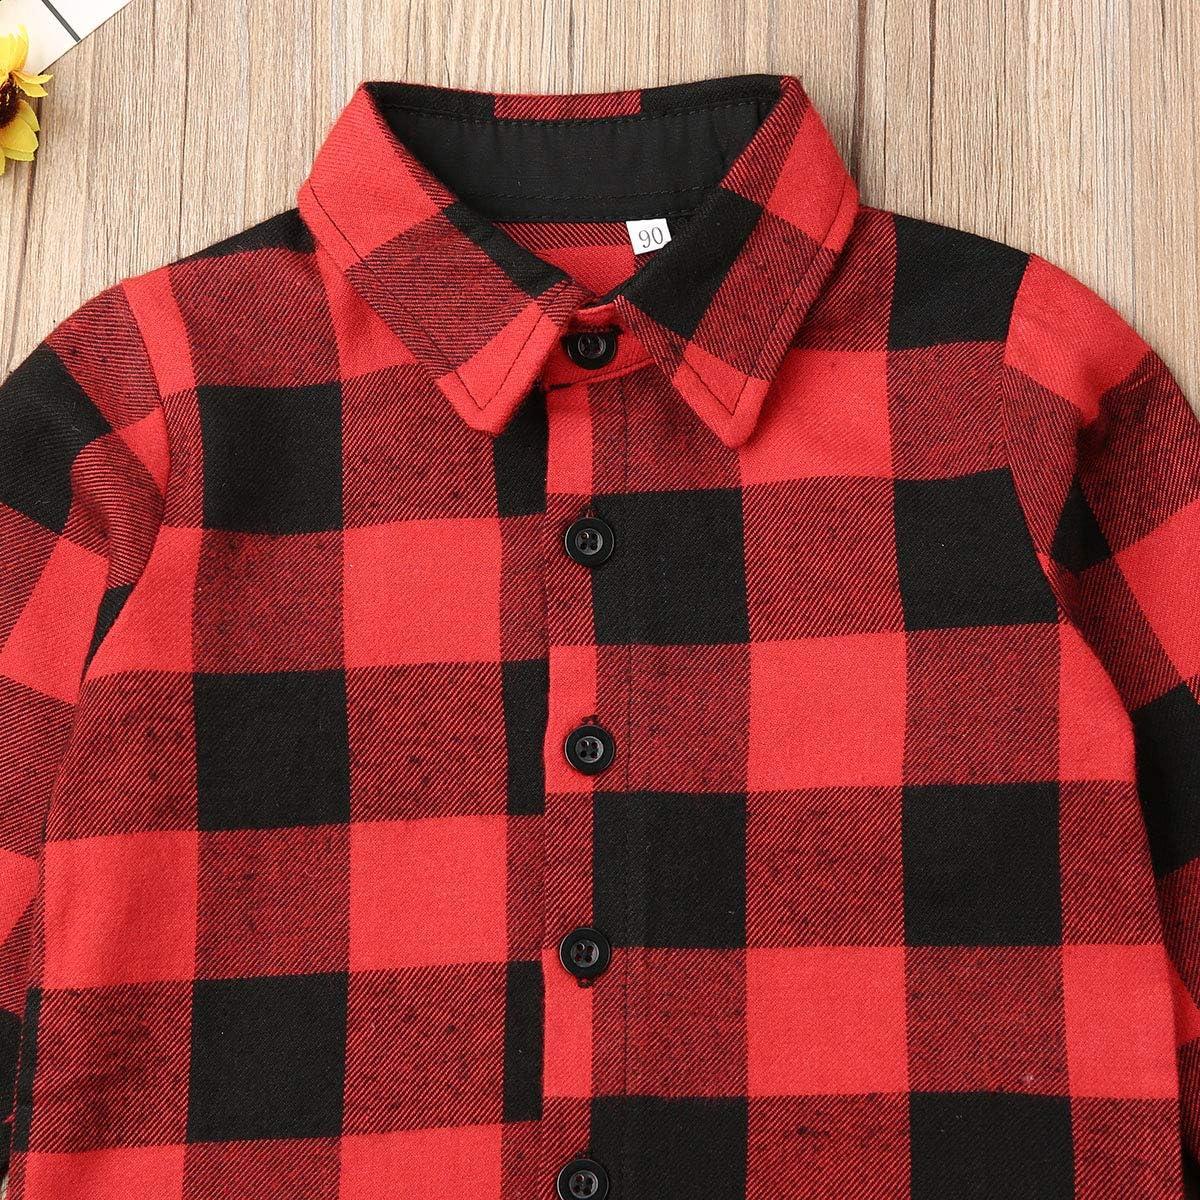 LIKEVER - Conjunto de Camiseta de Manga Larga con Botones para bebé, diseño de Cuadros, Color Rojo: Amazon.es: Ropa y accesorios